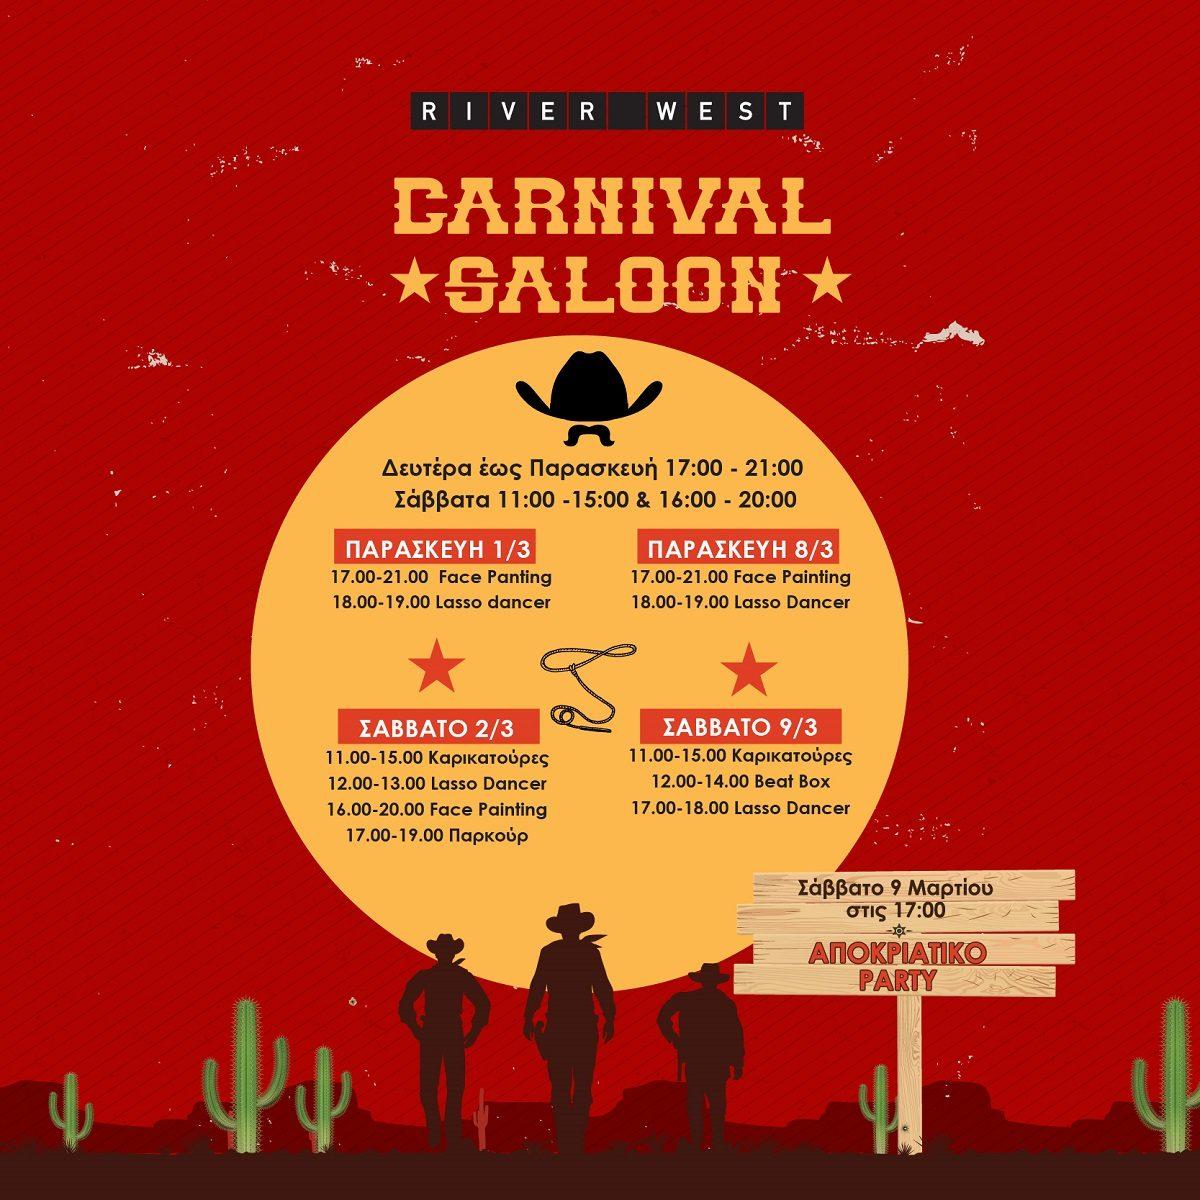 1-9 Μαρτίου, το Carnival Saloon του RIVERWEST ανοίγει τις πόρτες του στην «άγρια δύση» και παρασύρει μικρούς και μεγάλους σε ξέφρενη αποκριάτικη διασκέδαση.